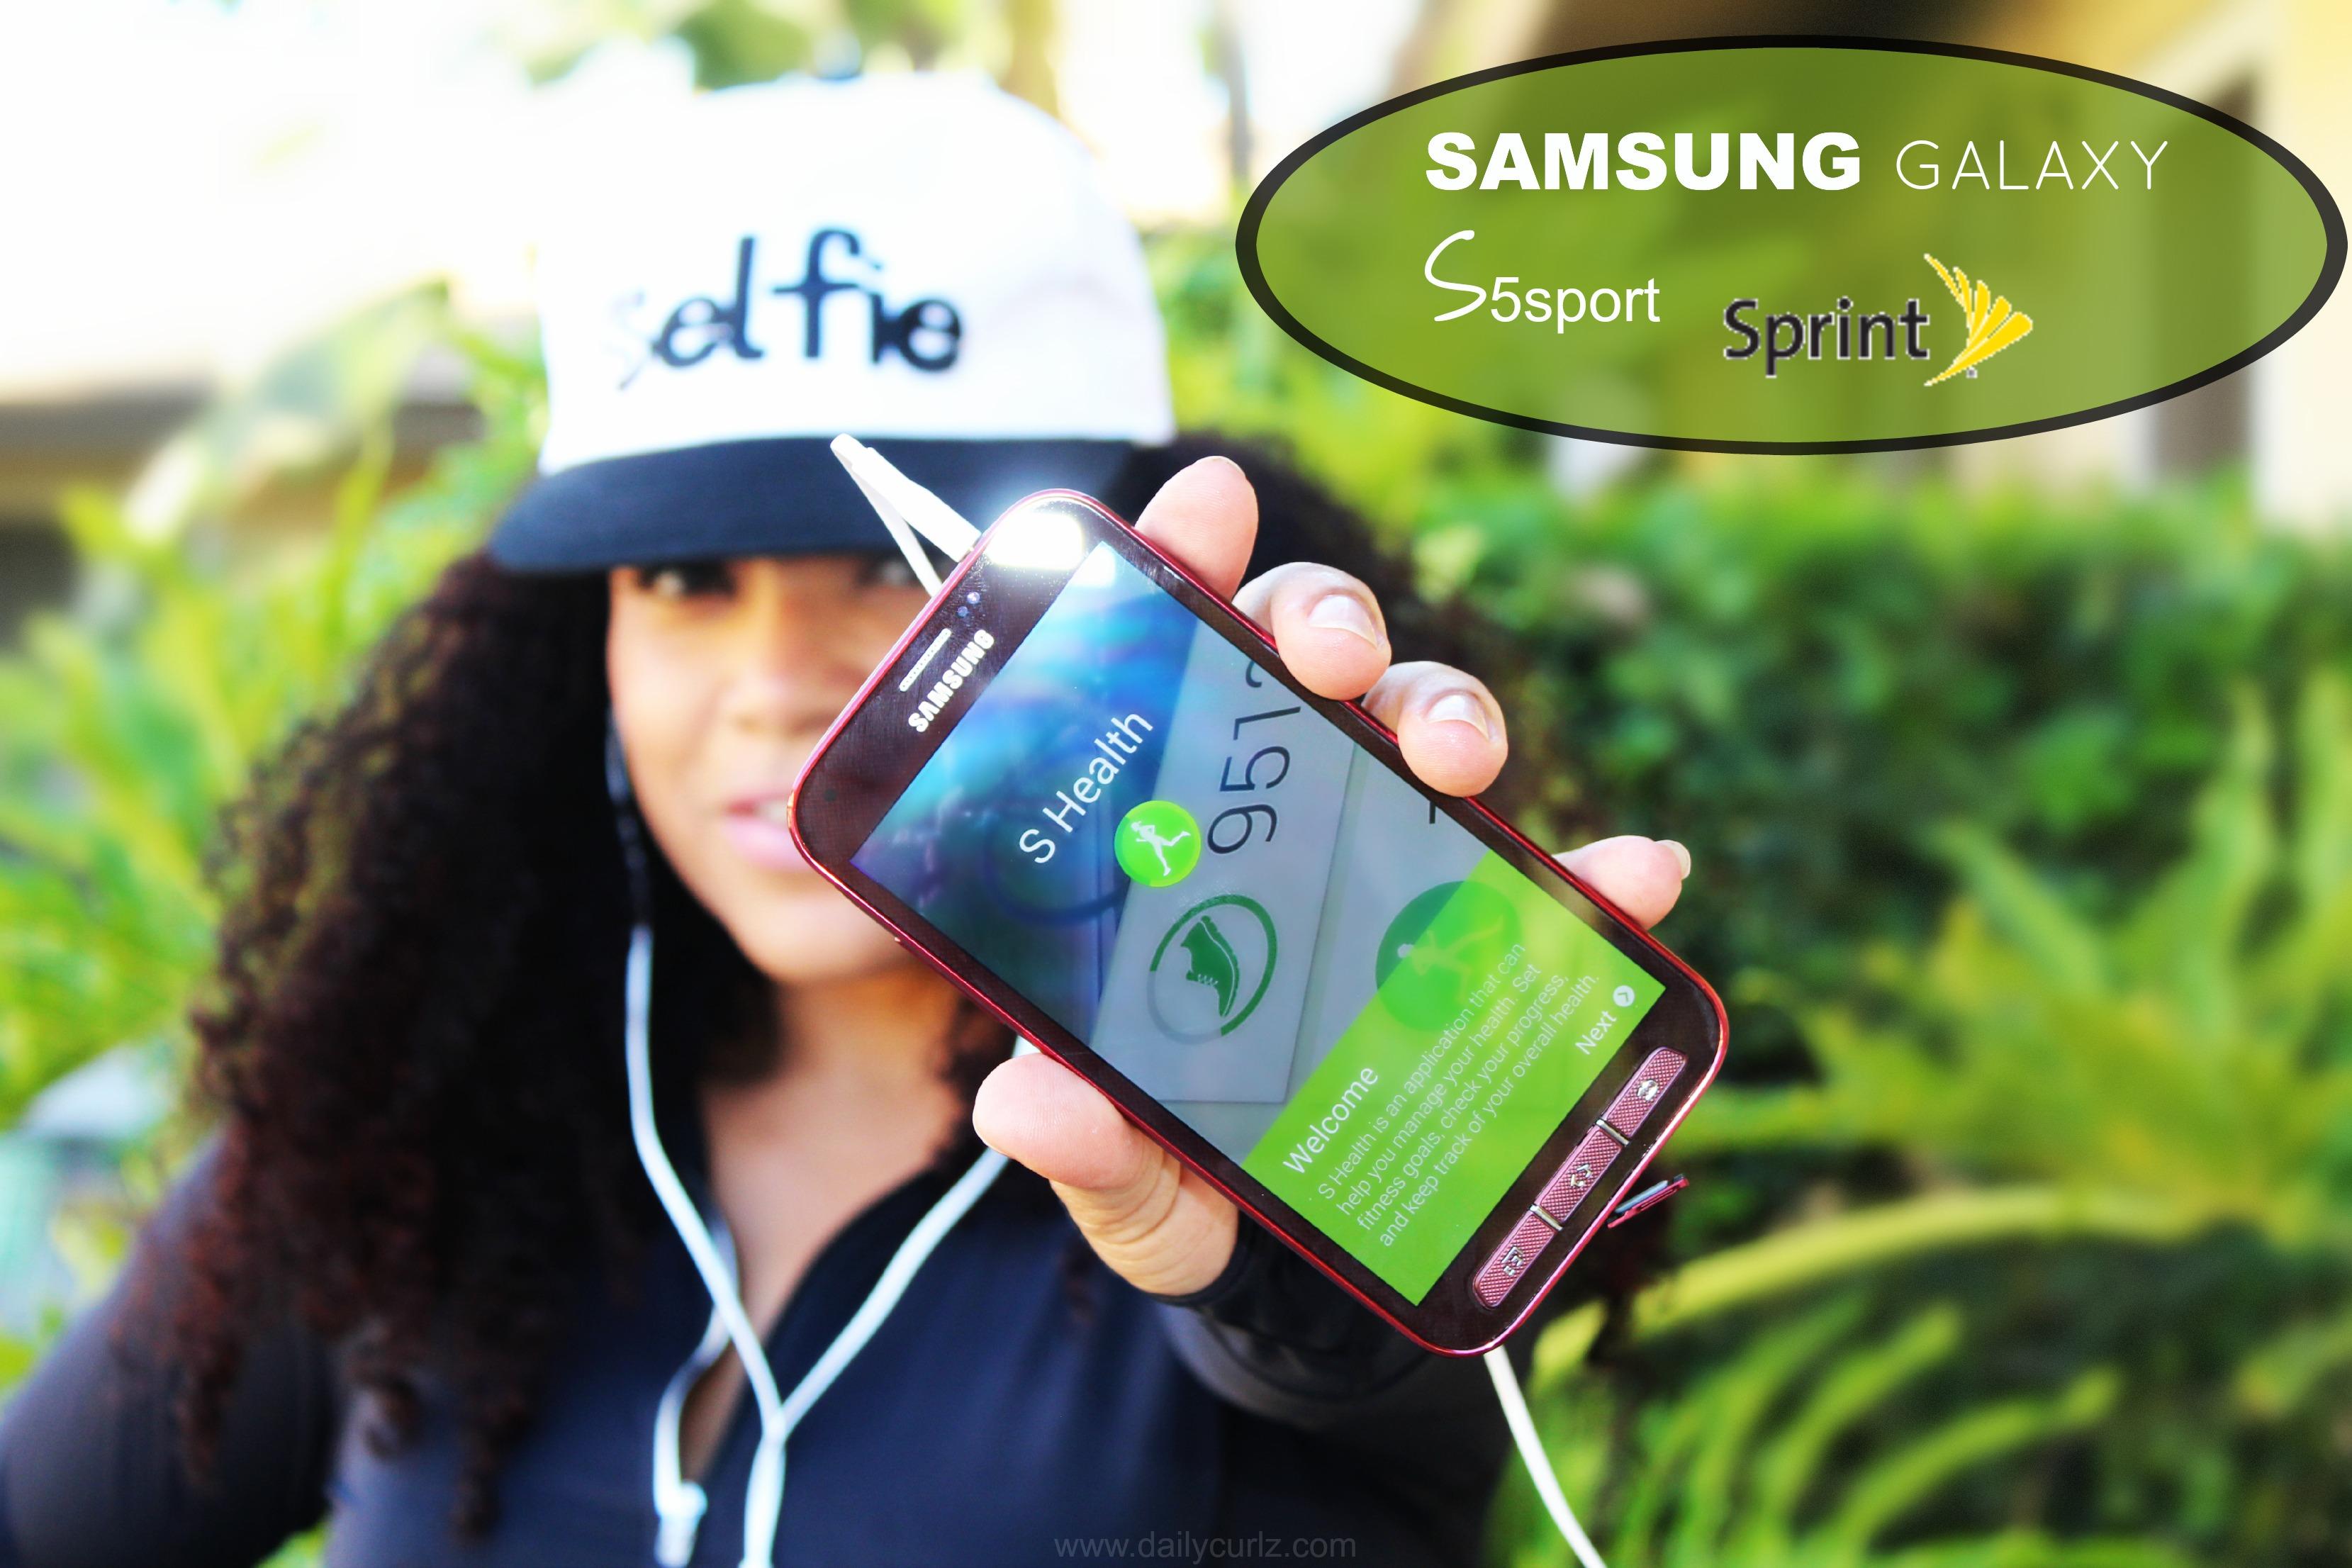 SAMSUNG galaxy S5 Sport- Total Fitness Solution / En forma con el Samsung S5 sport